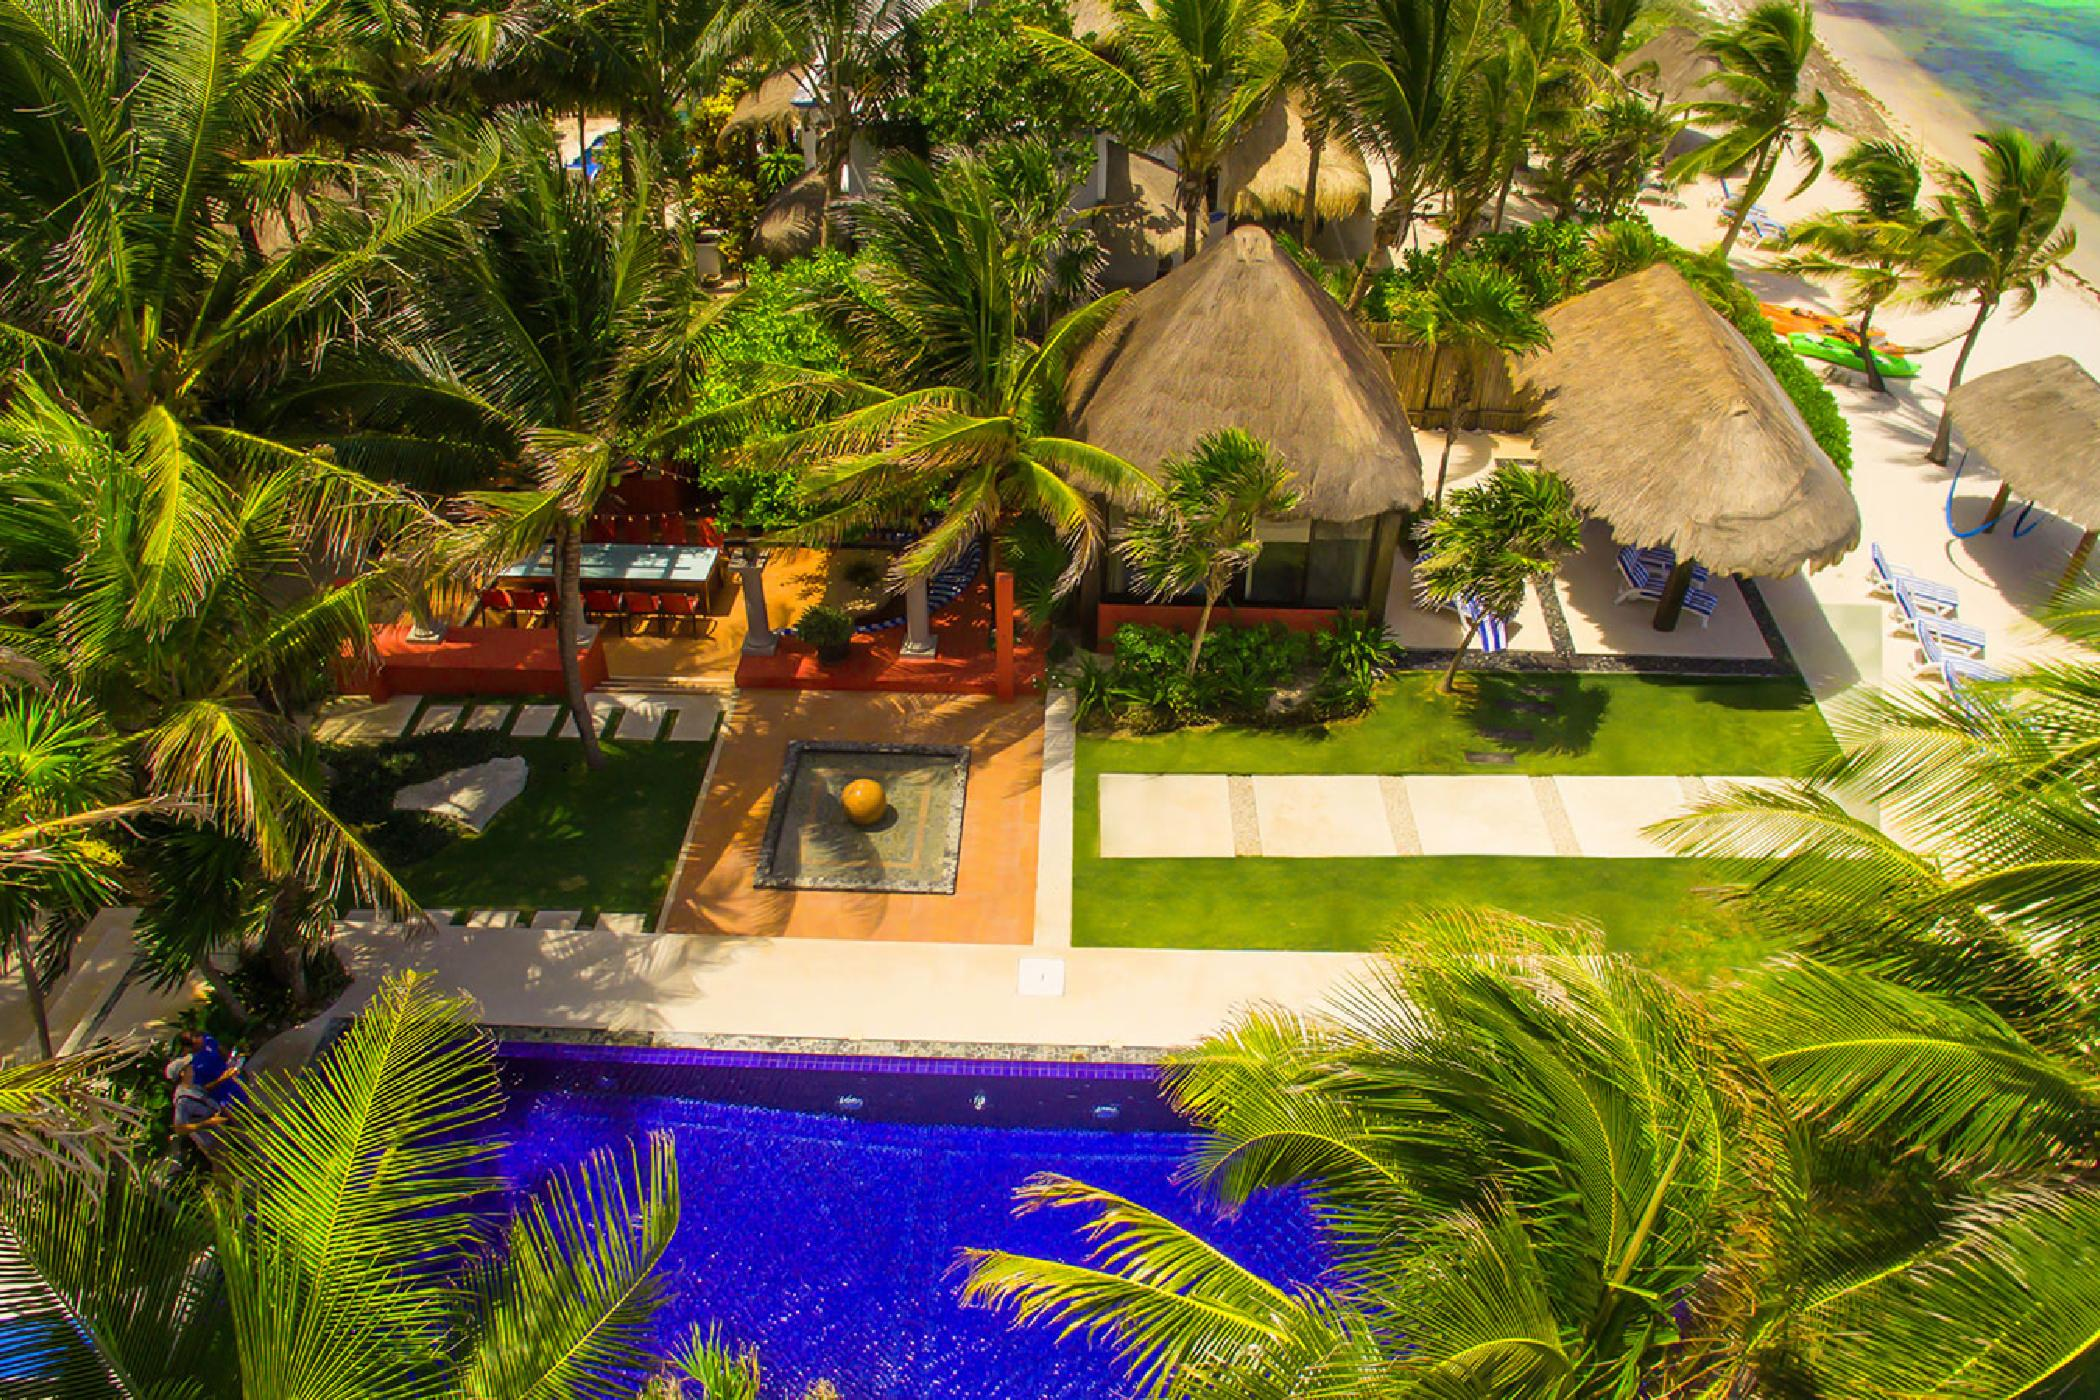 Maya_Luxe_Casa_Buena_Suerte_7.jpg